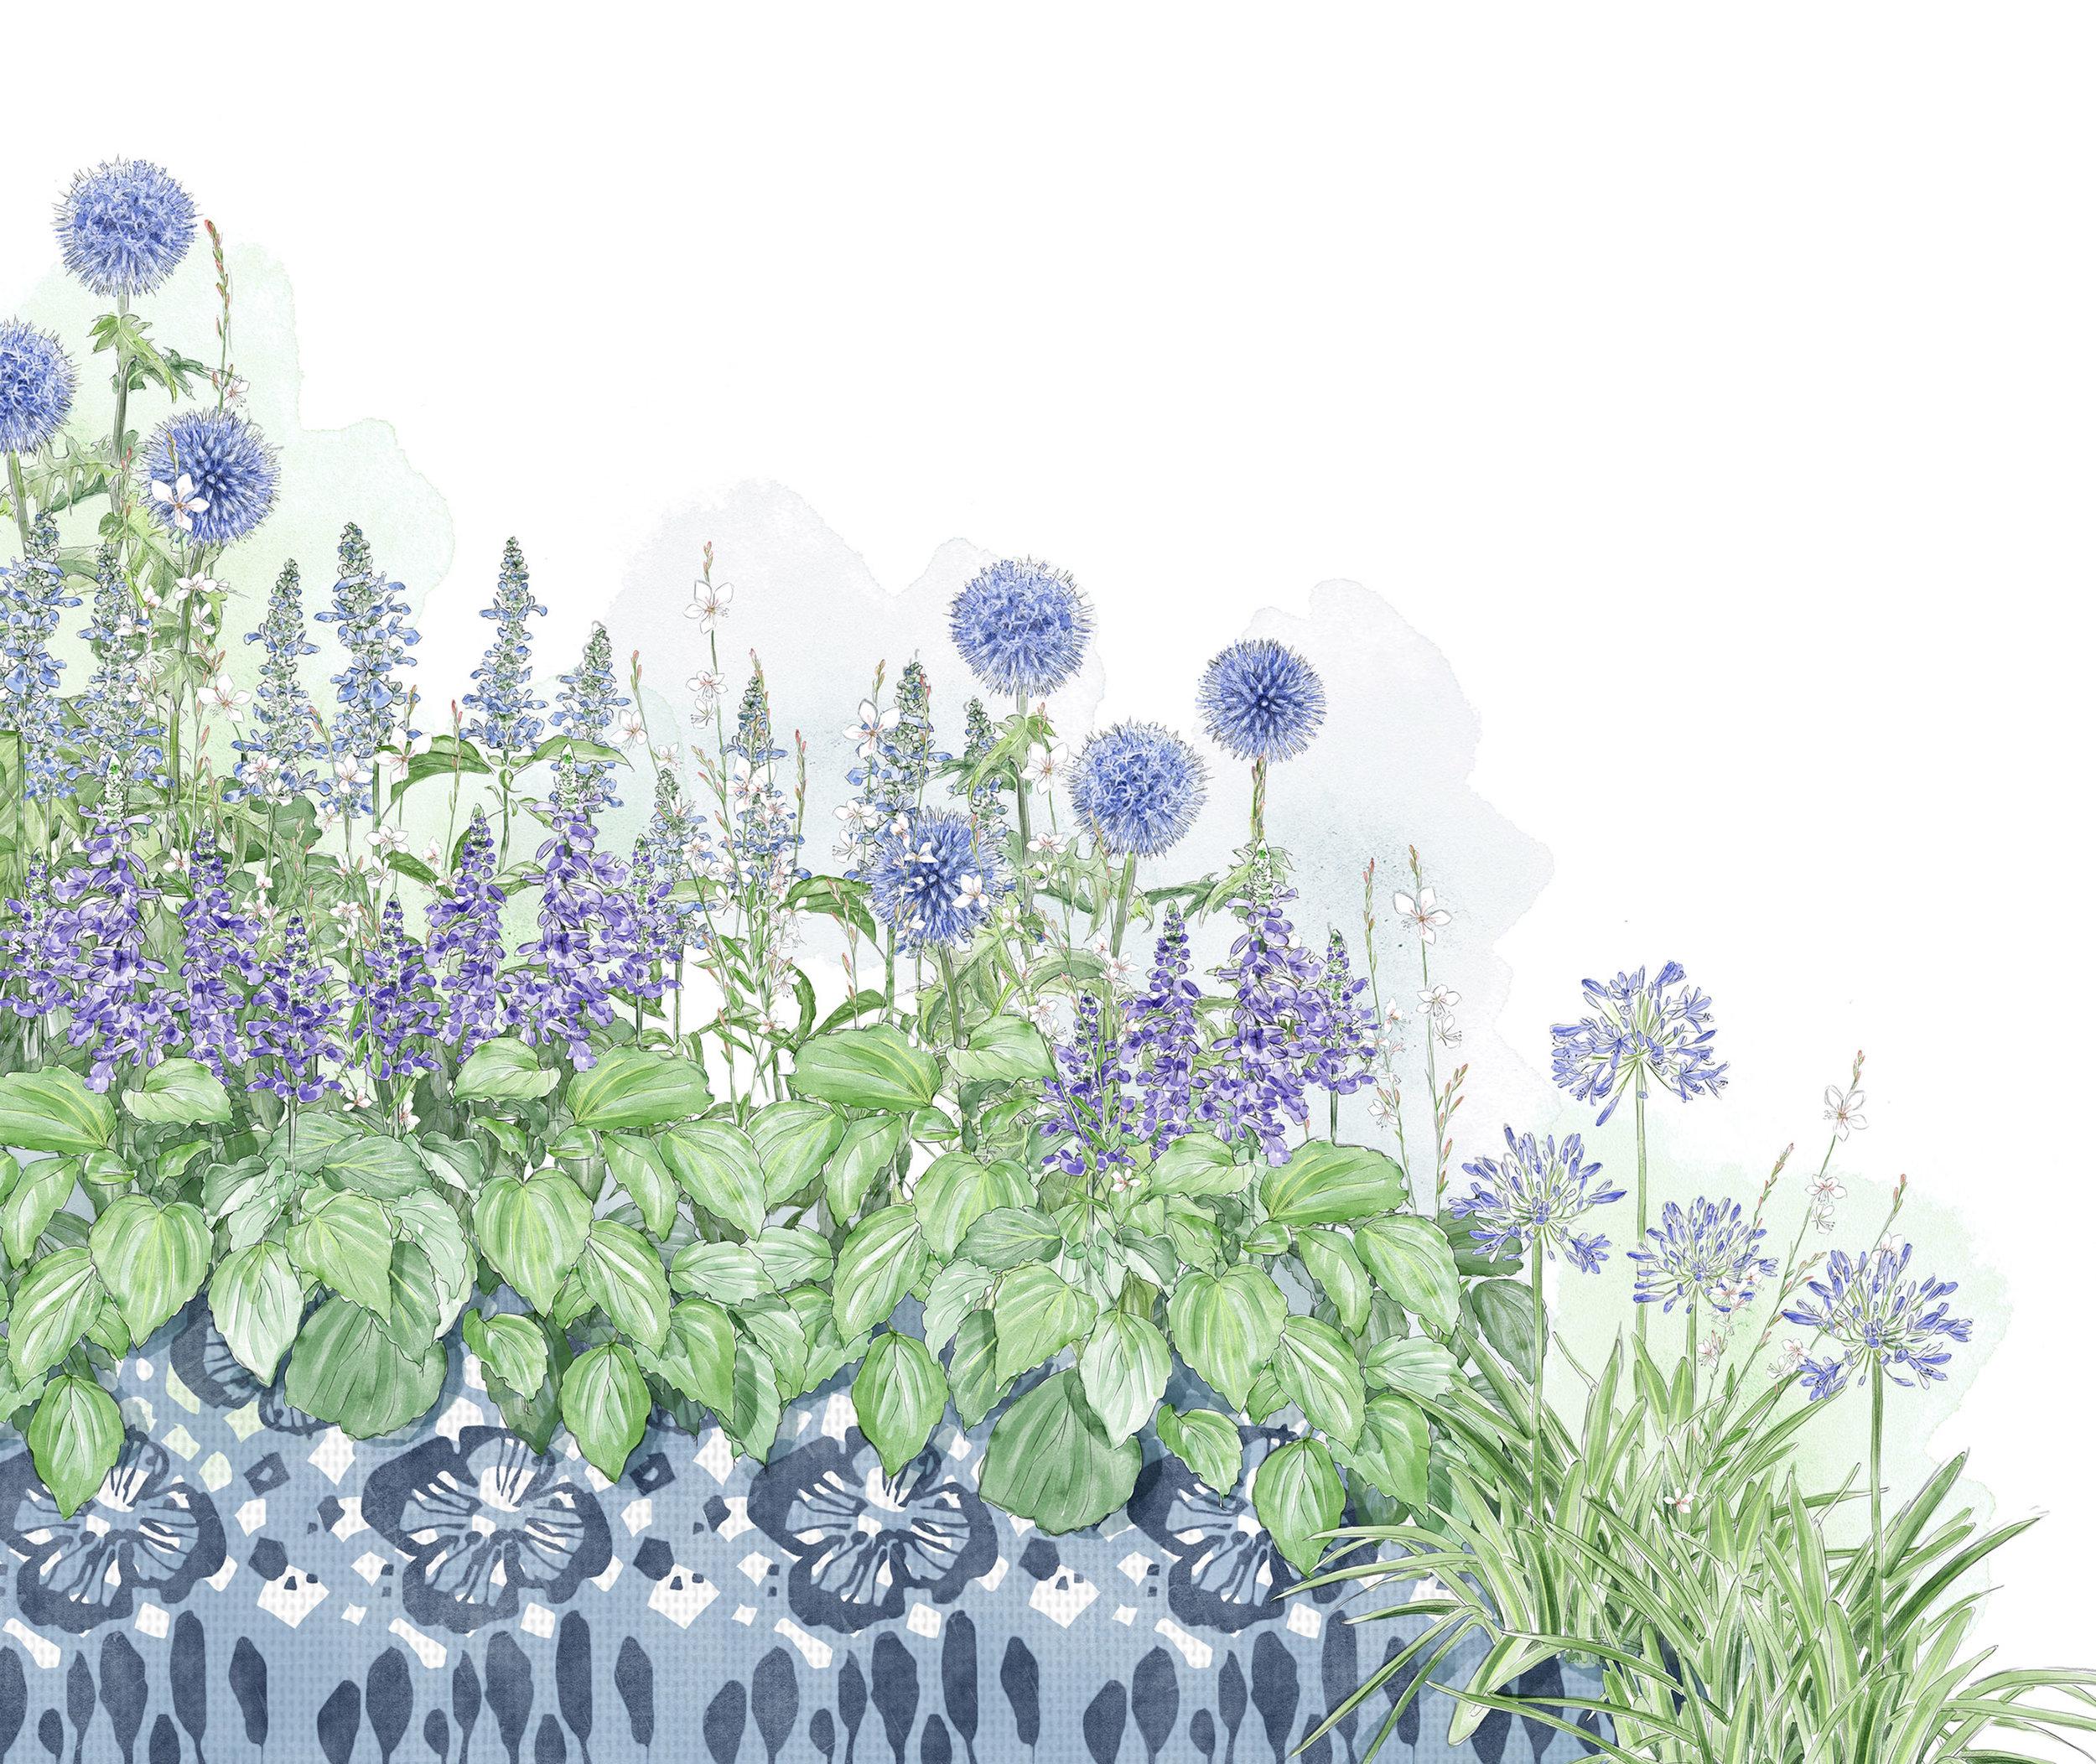 5.Blommor.jpg